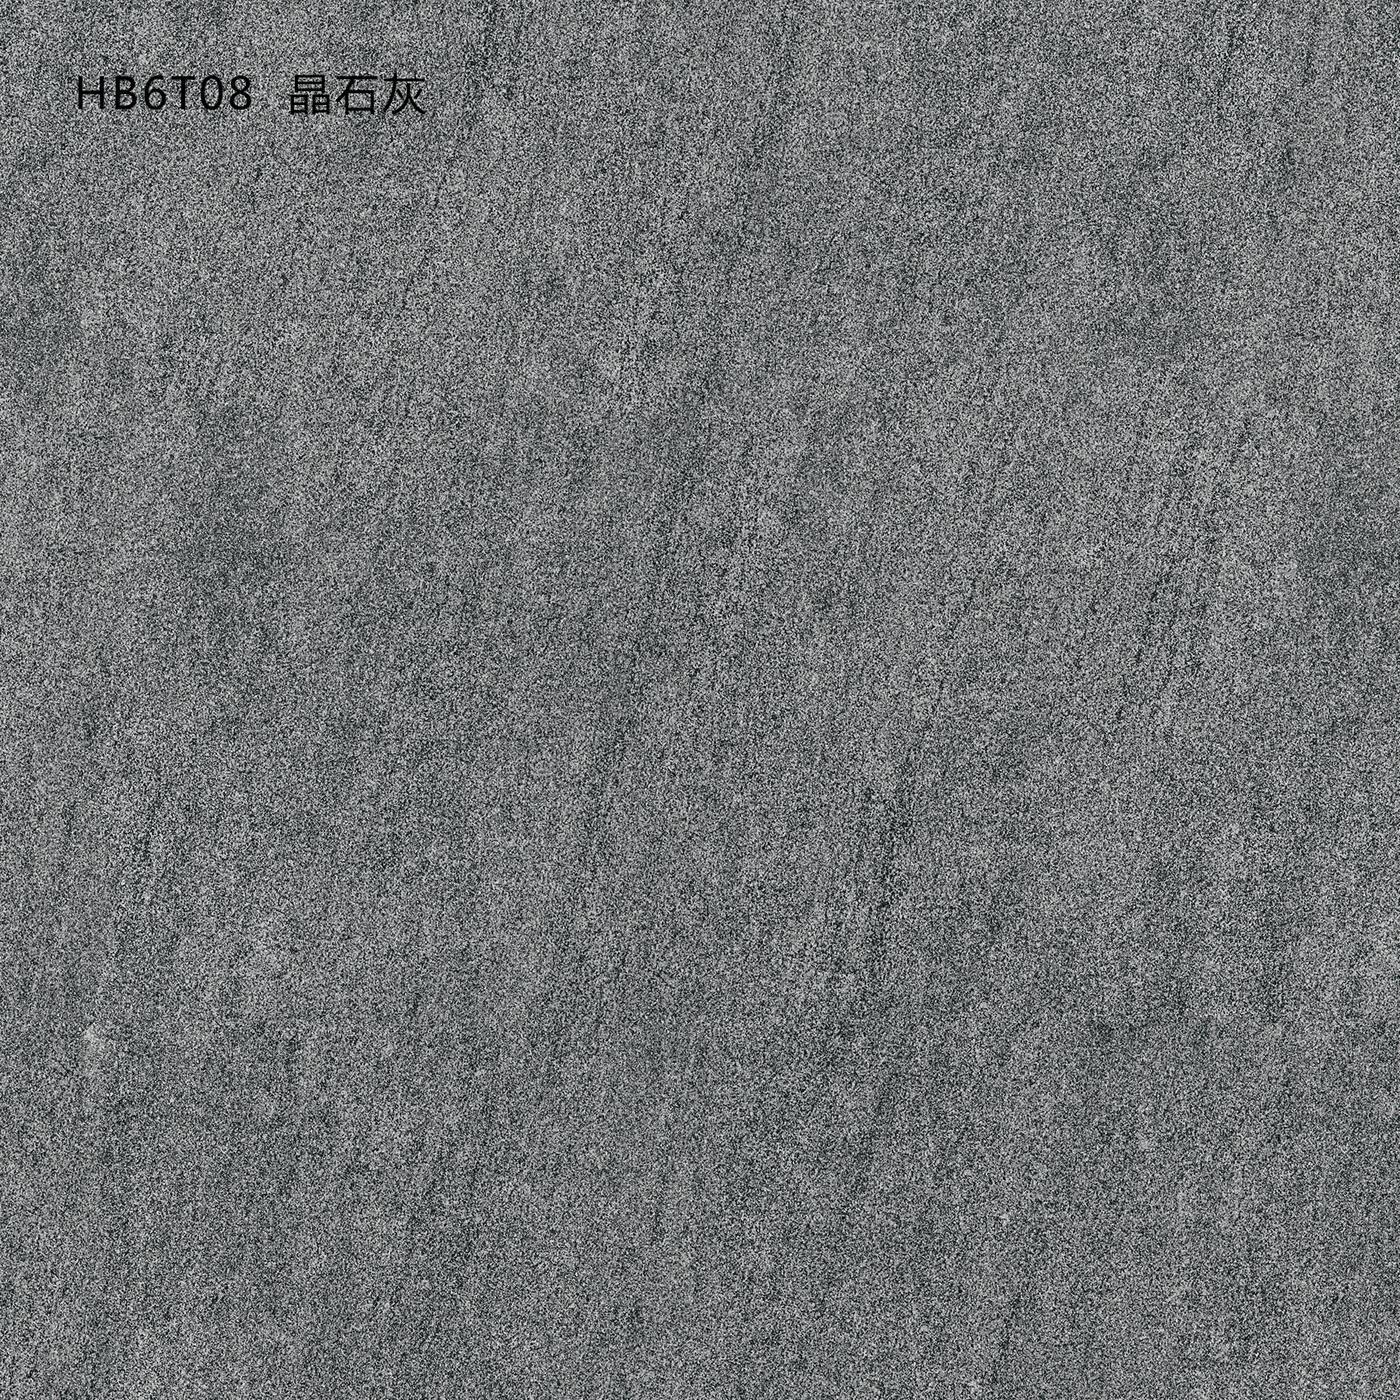 瓷磚厚板用于建筑外墻面需要注意什么?